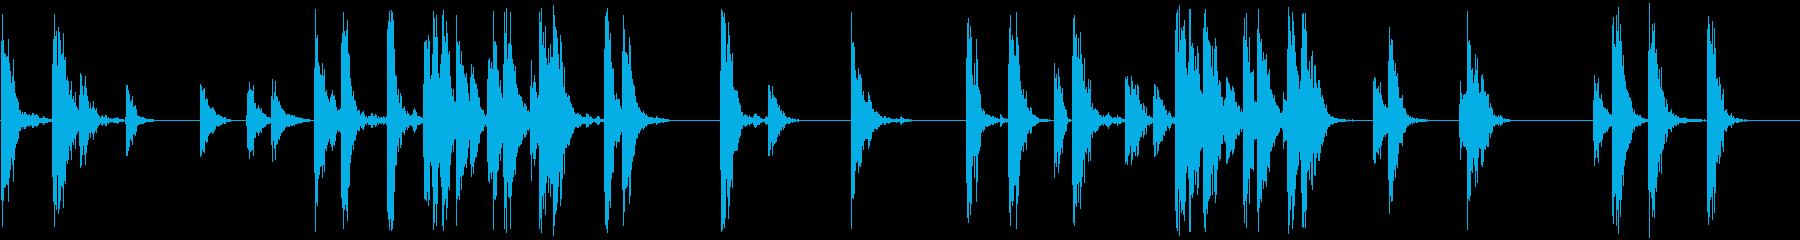 大砲の戦い:さまざまな視点からの複...の再生済みの波形